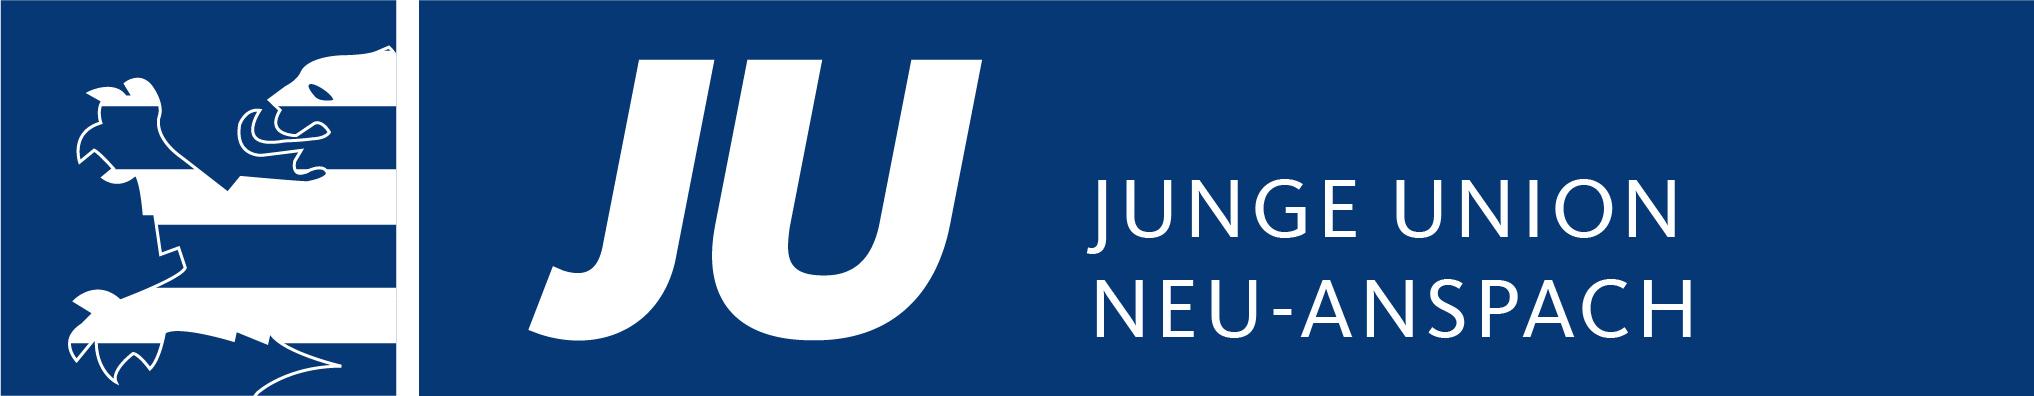 Logo von Junge Union Neu-Anspach